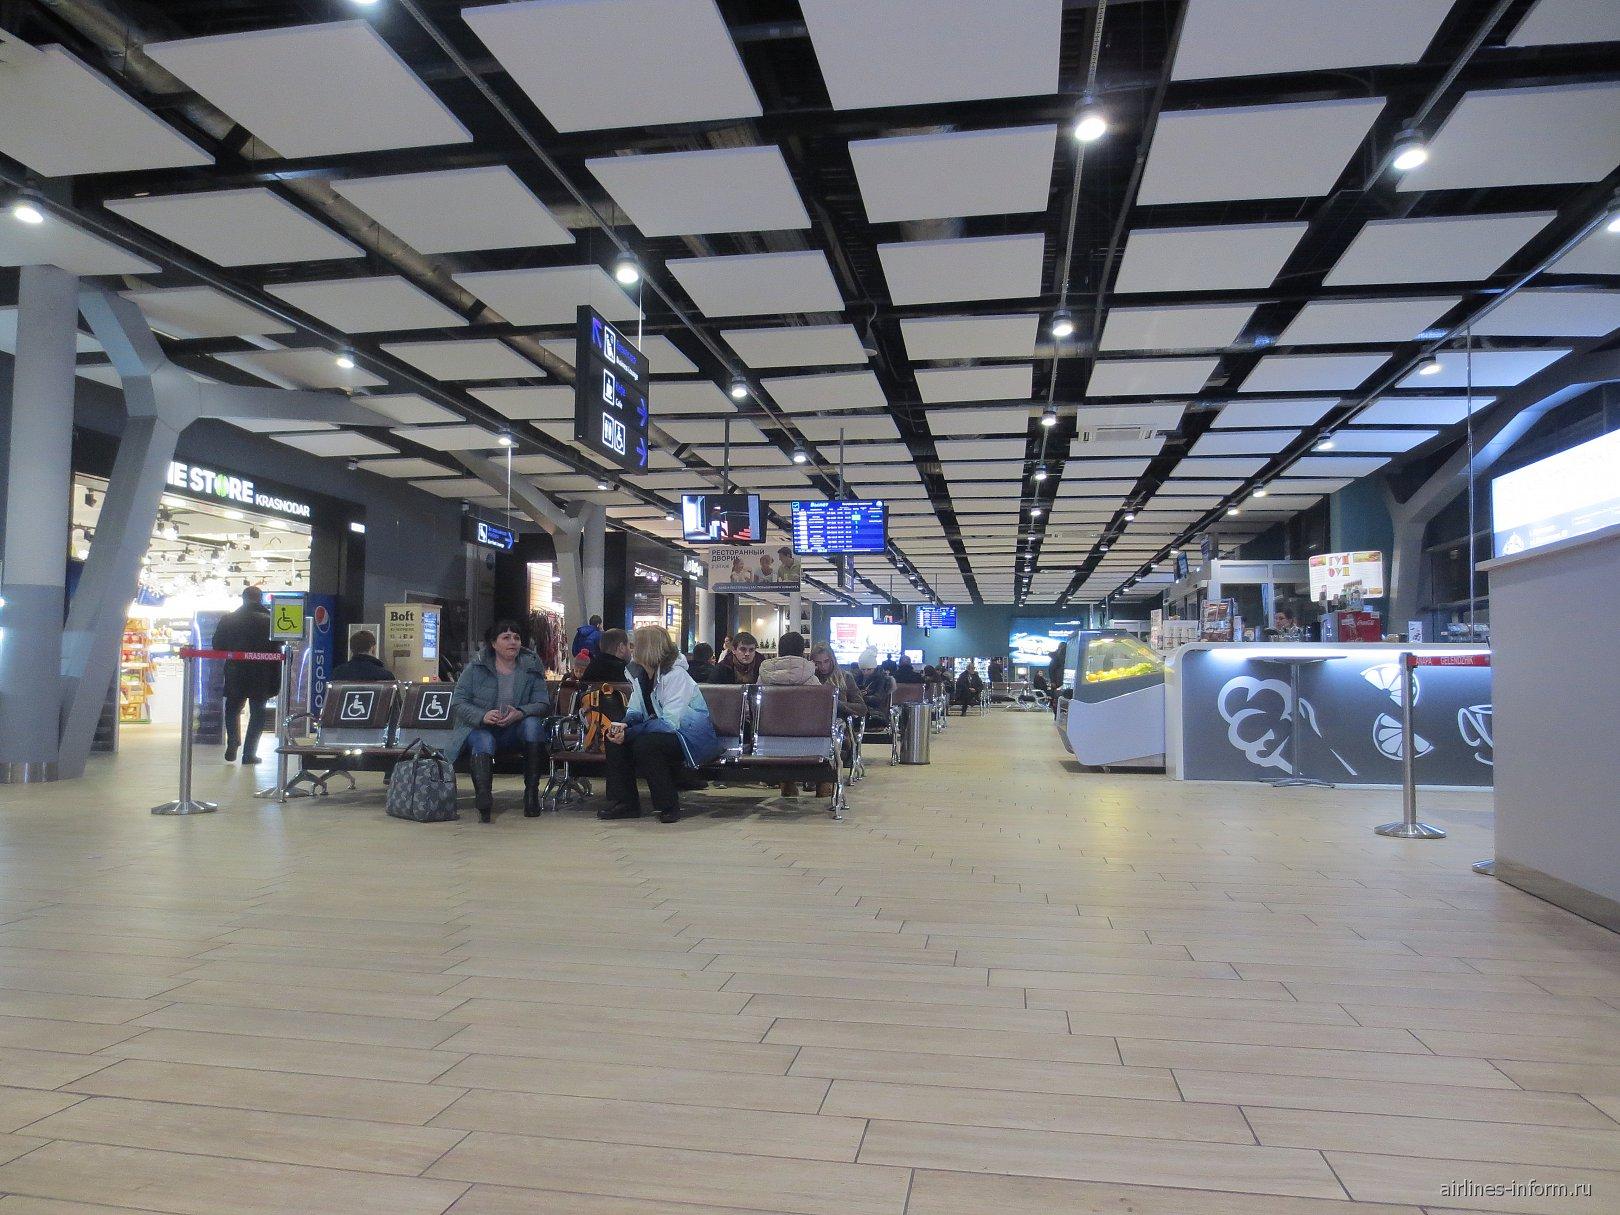 Чистая зона внутренних вылетов аэропорта Краснодар Пашковский